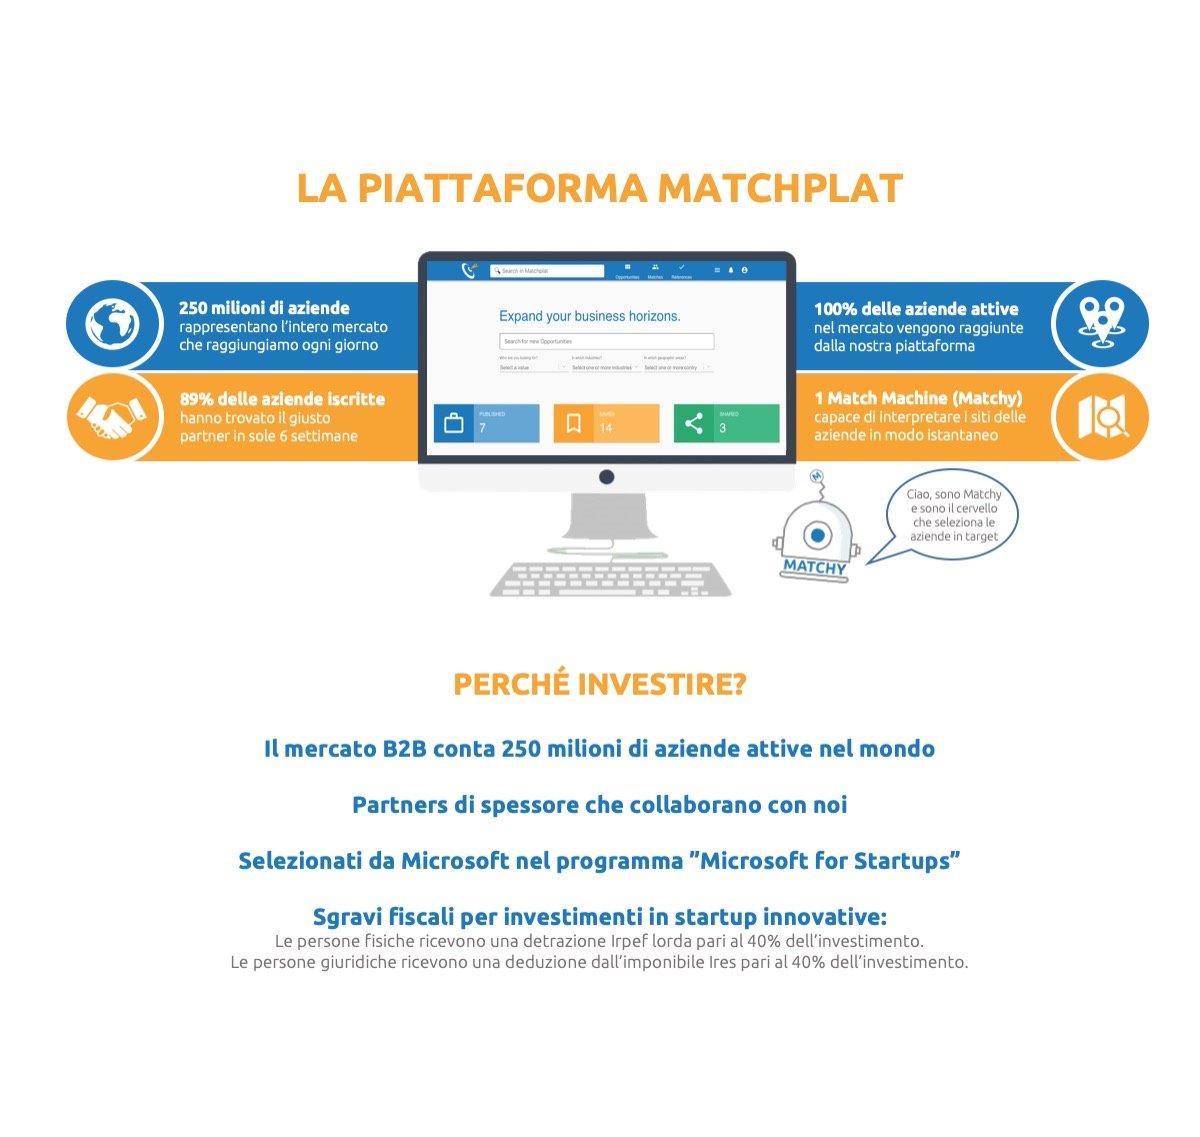 Migliori siti di matchmaking online